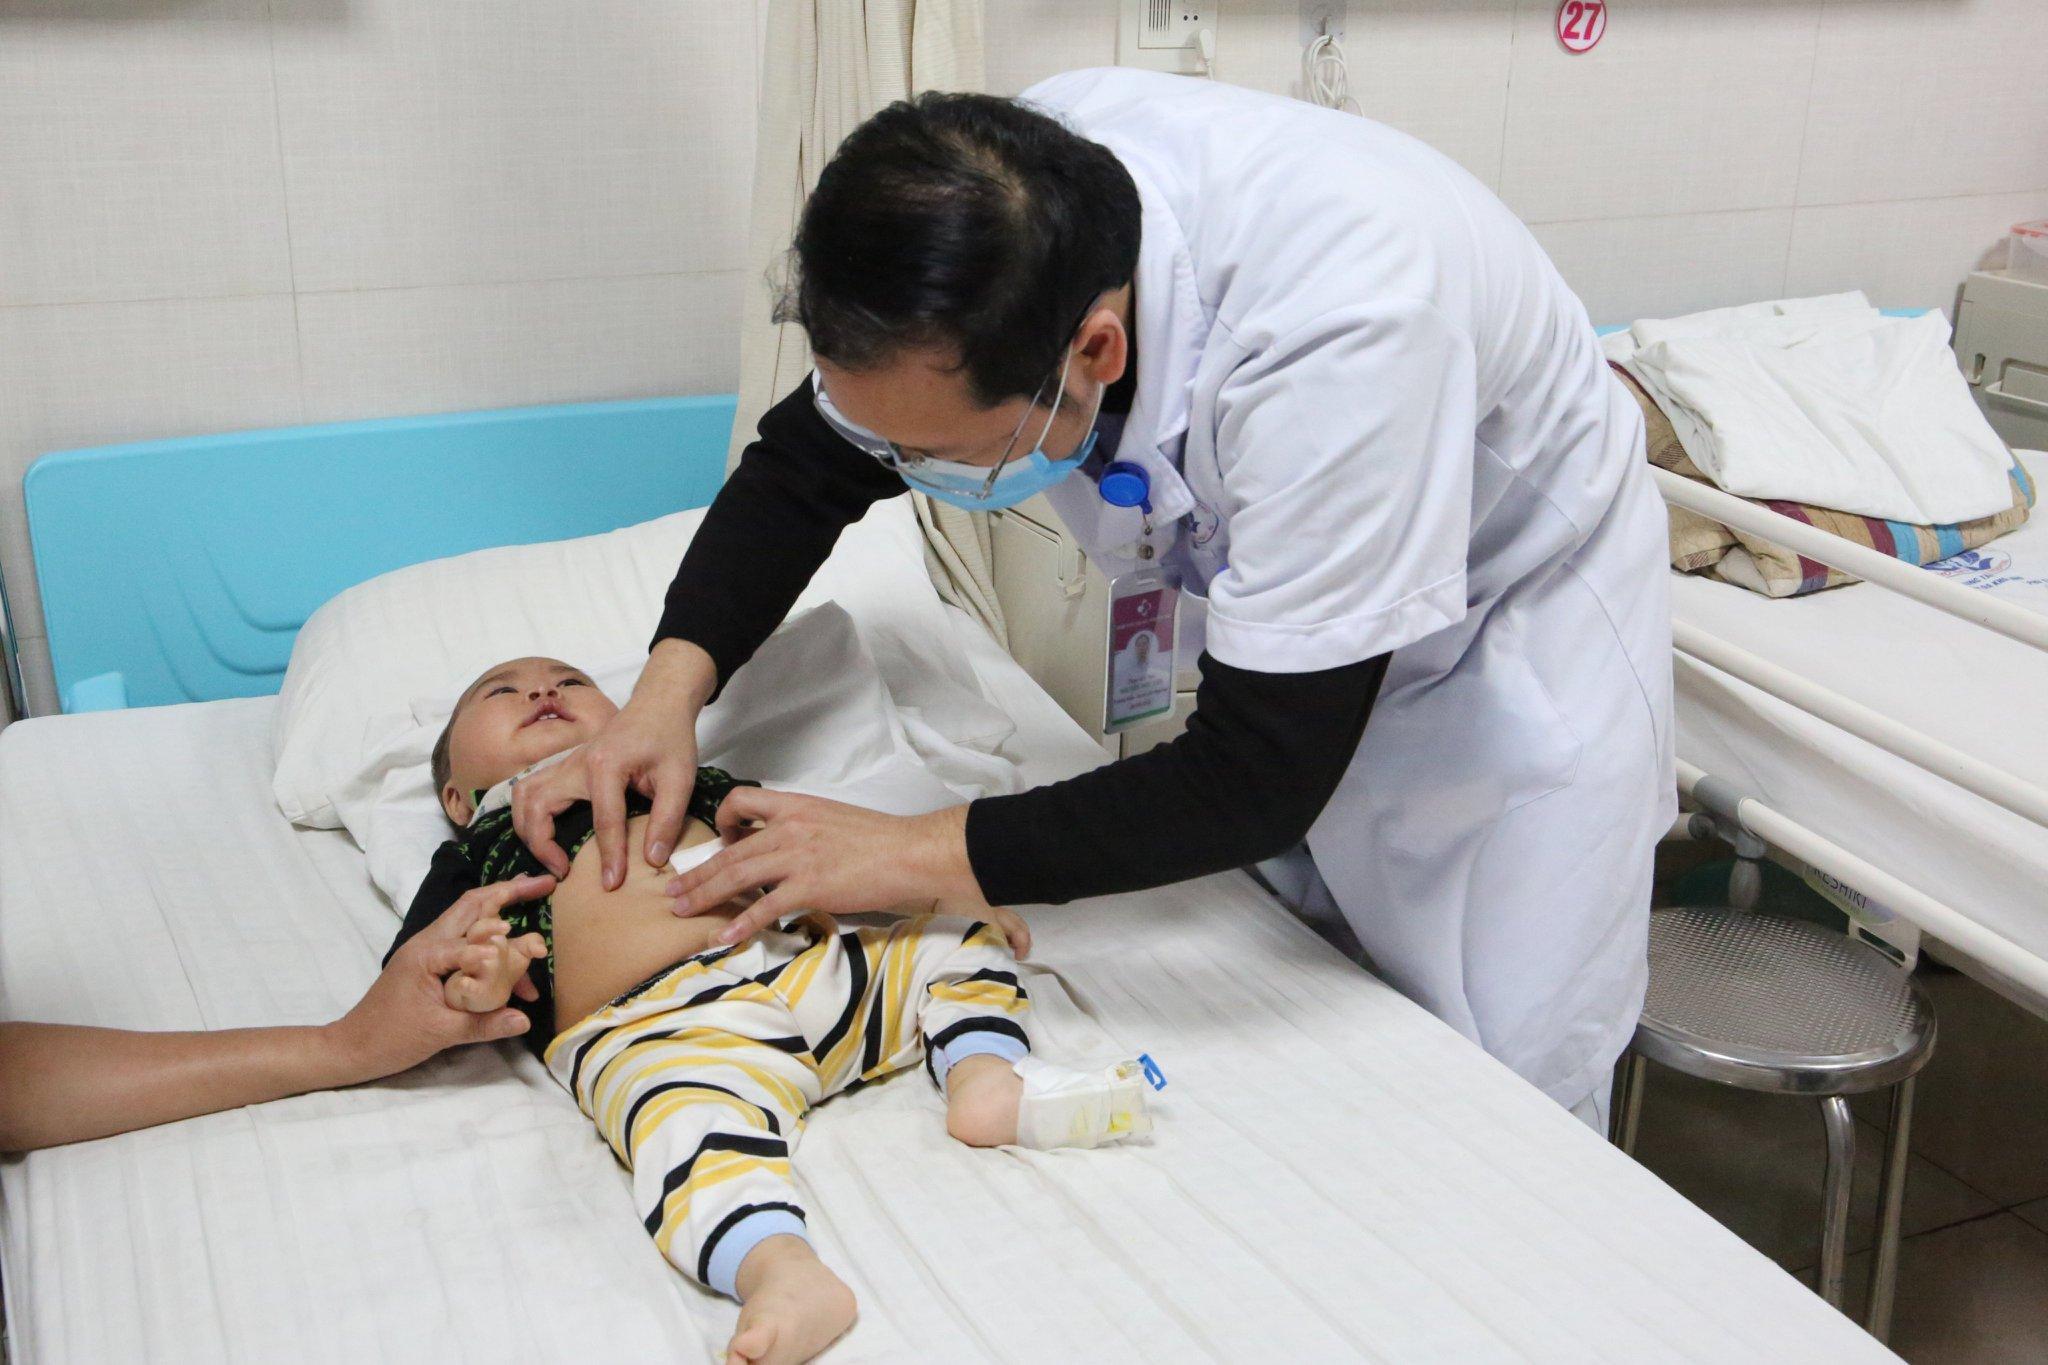 Khối lồng ruột của bé 10 tháng tuổi quá chặt buộc phải dùng kỹ thuật nội soi Ảnh 2